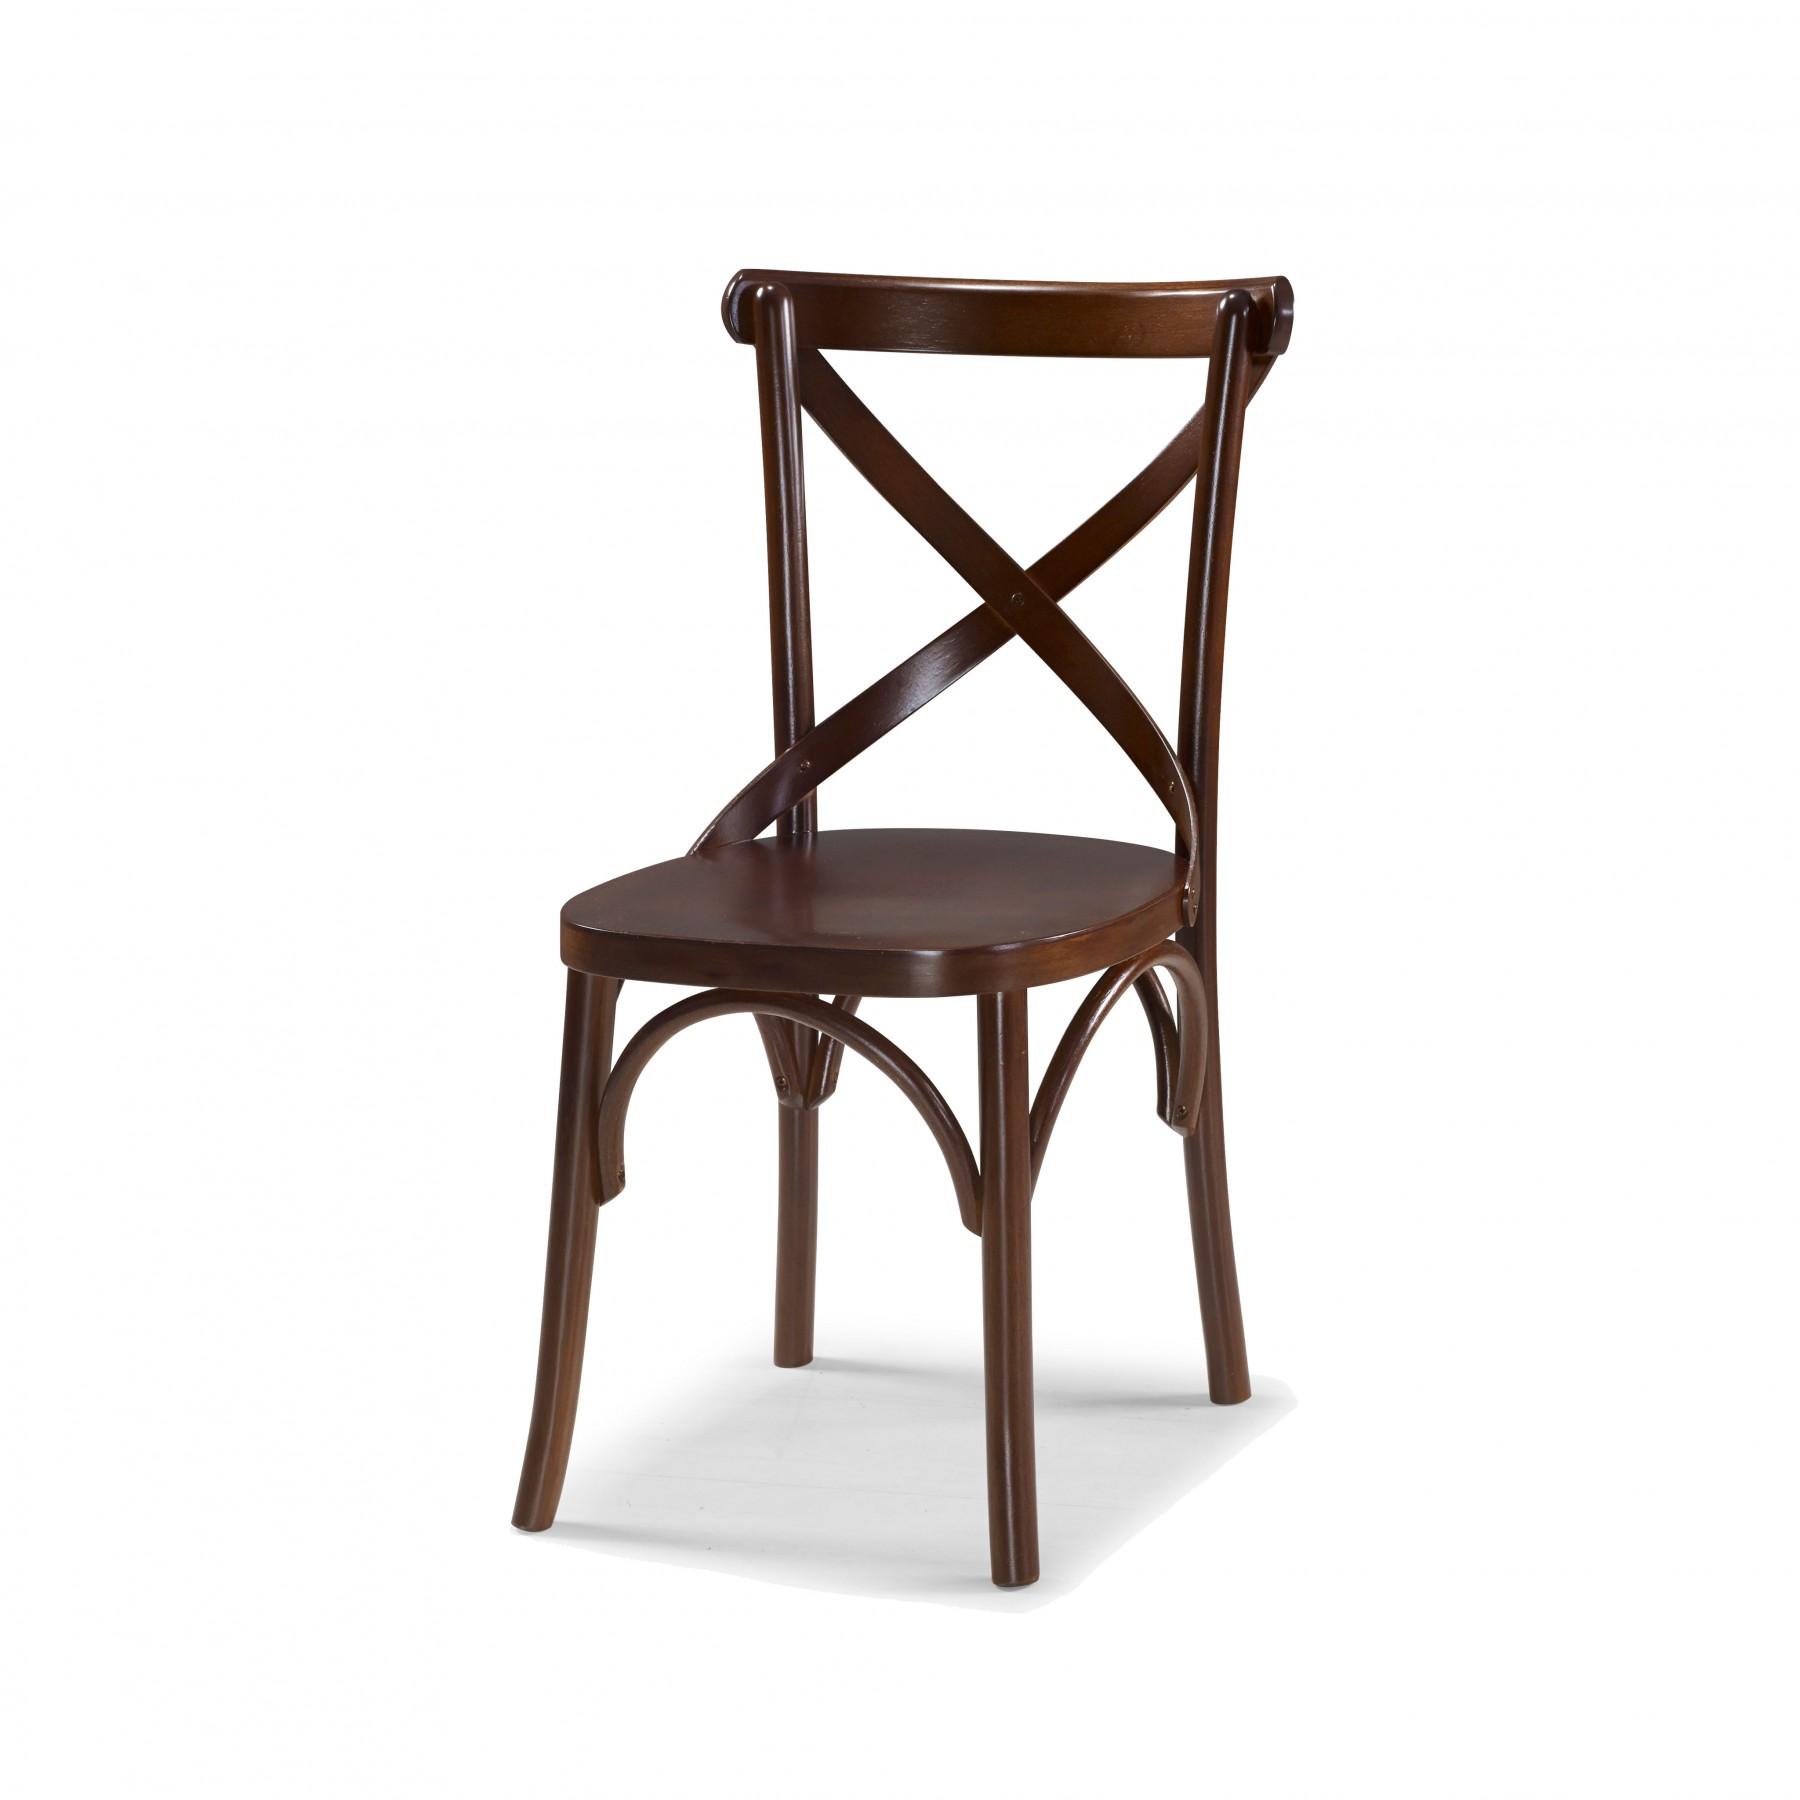 Cadeira X Cadeiras E Poltronas M Veis Hometeka -> Imagens De Uma Cadeira